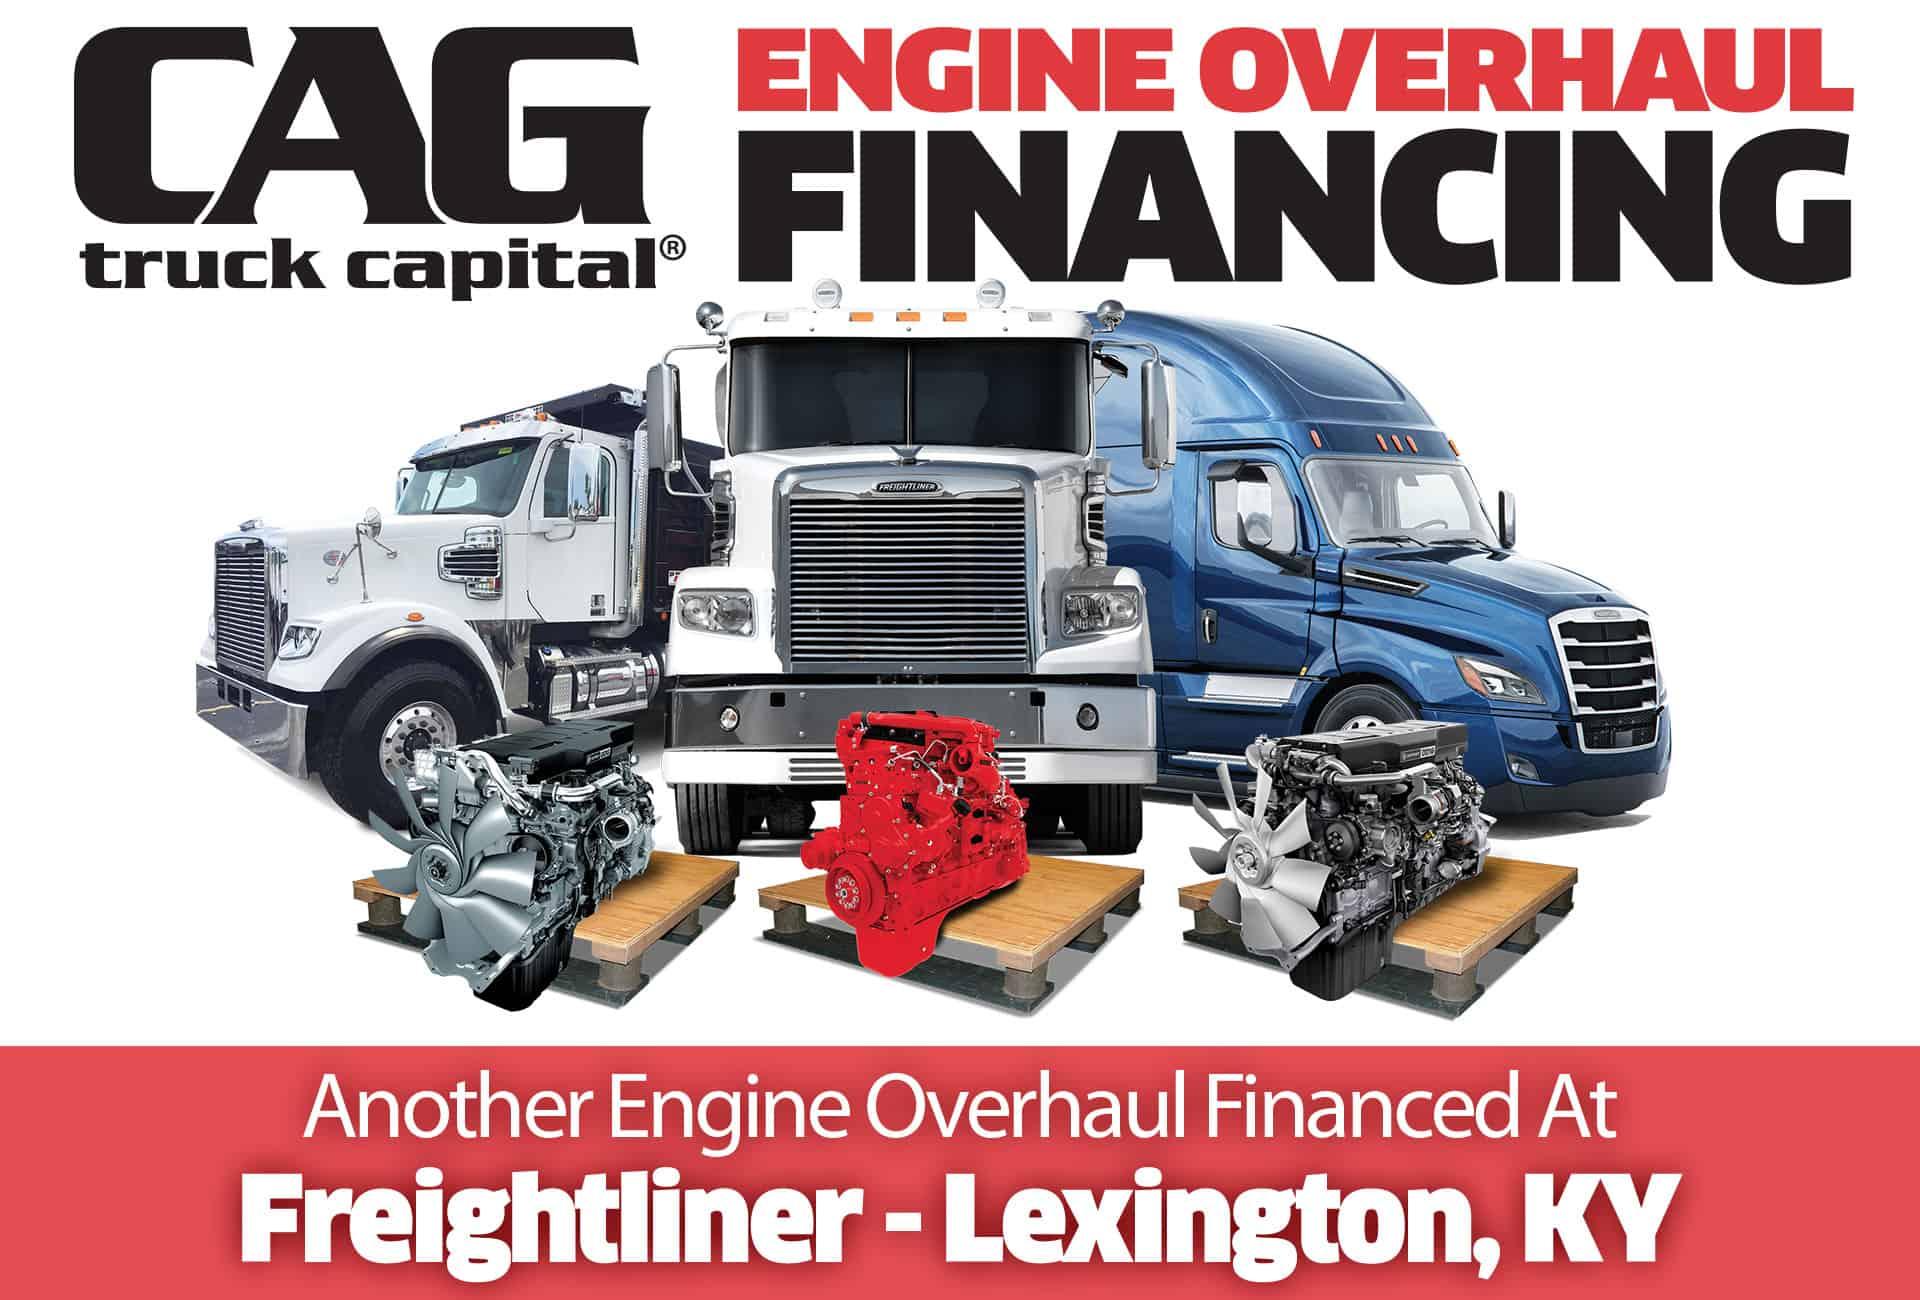 Freightliner Engine Overhauls In Lexington, KY